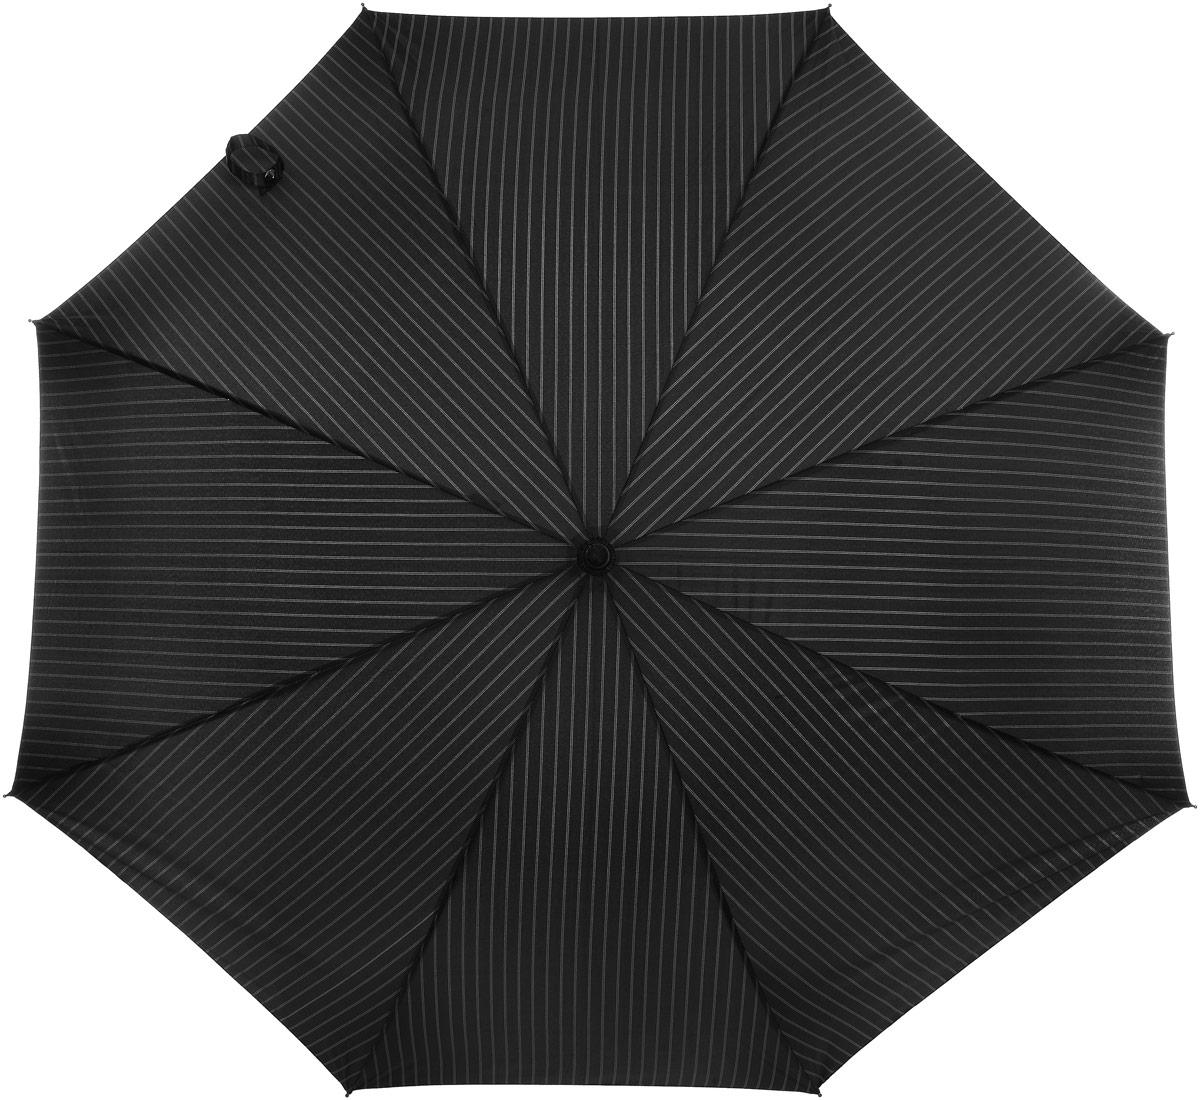 Зонт женский Eleganzza, цвет: черный. T-05-XL67T-05-XL67Мужской зонт-трость торговой марки Eleganzza. Купол: 100% полиэстер, эпонж. Материал каркаса: фиберголасс. Материал ручки: пластик. Длина изделия - 100 см. Диаметр купола - 130 см.